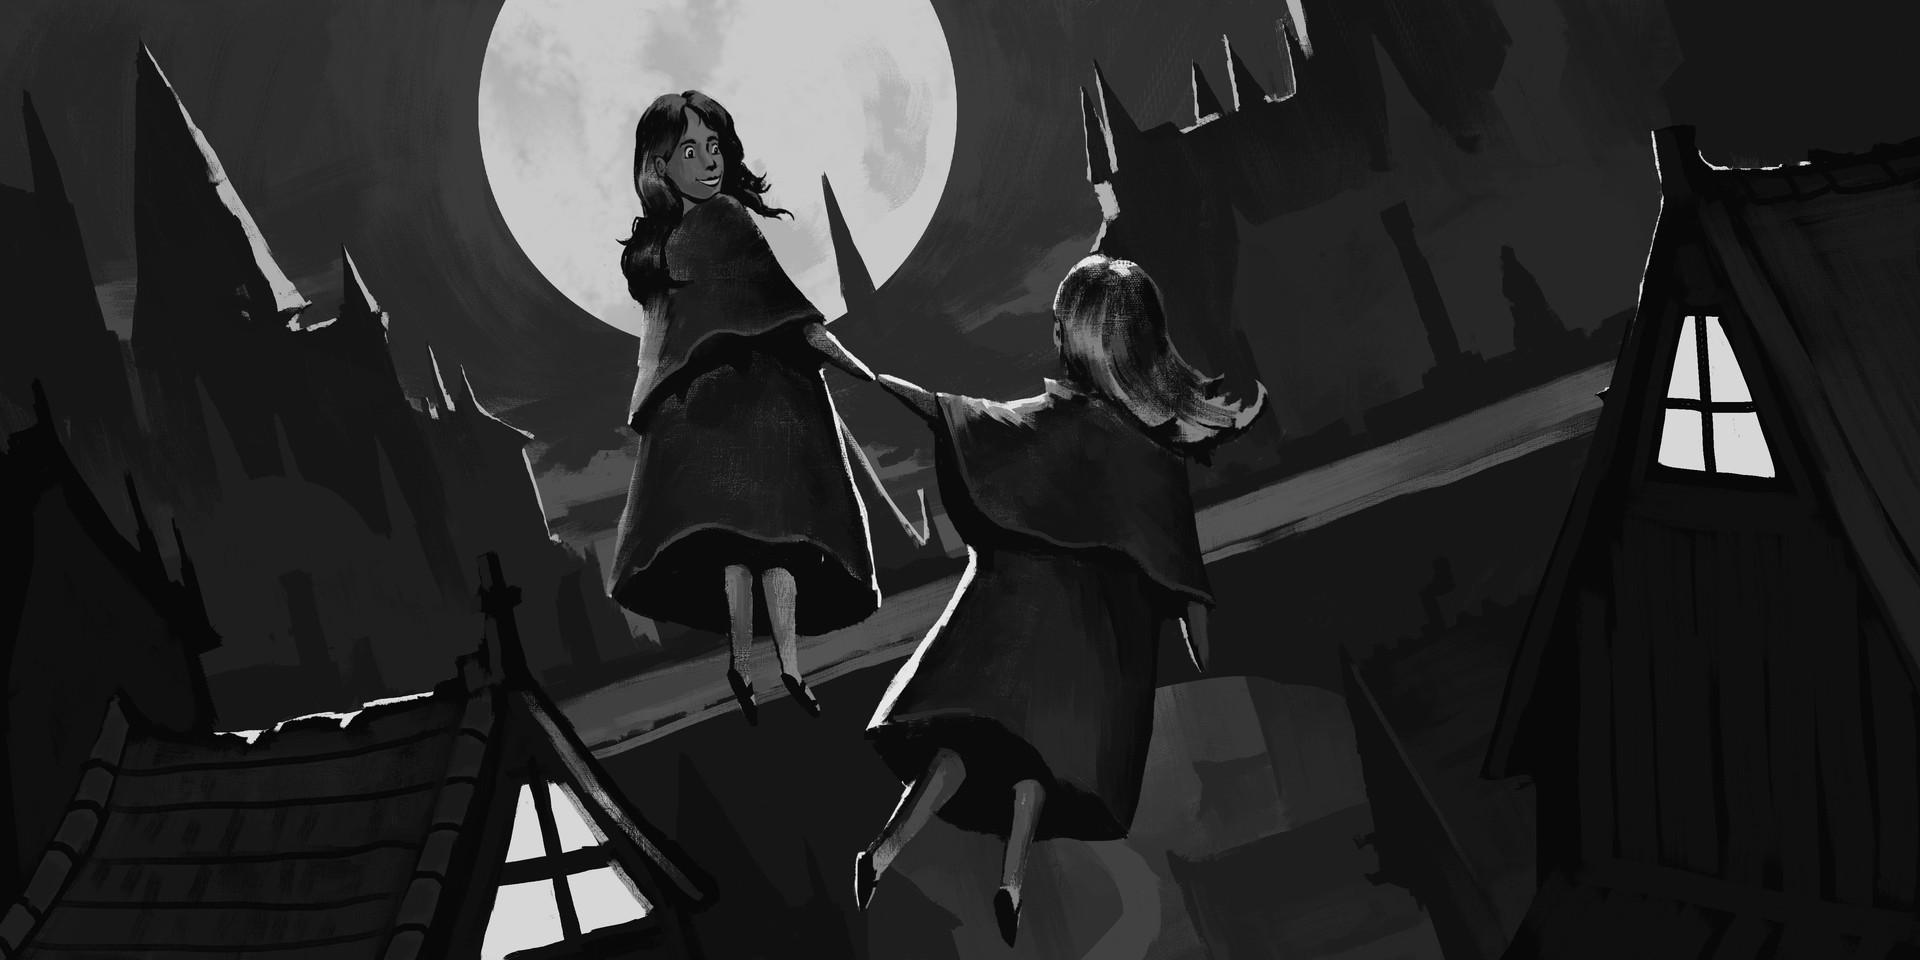 Kerim akyuz witchesnightout1